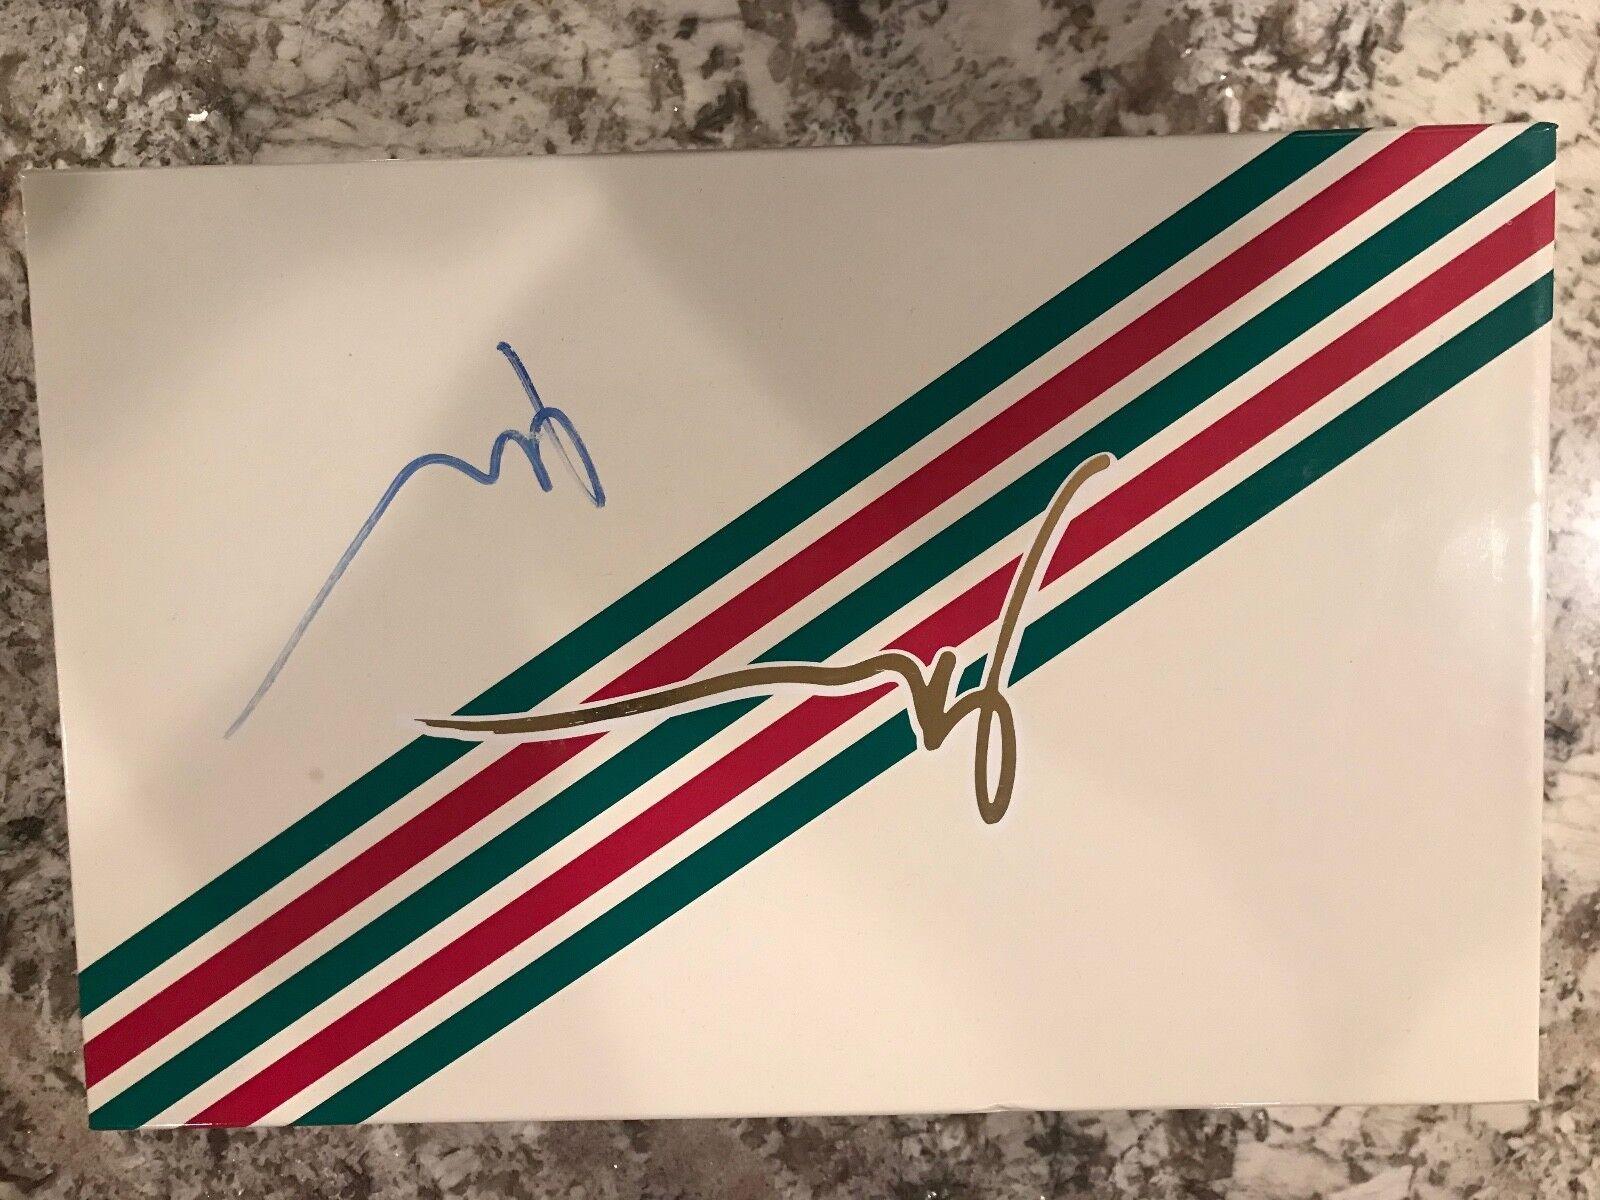 Gary Vee K-Swiss Zapato de Edición Limitada Palacio X SP 25 Caja de autógrafos ()